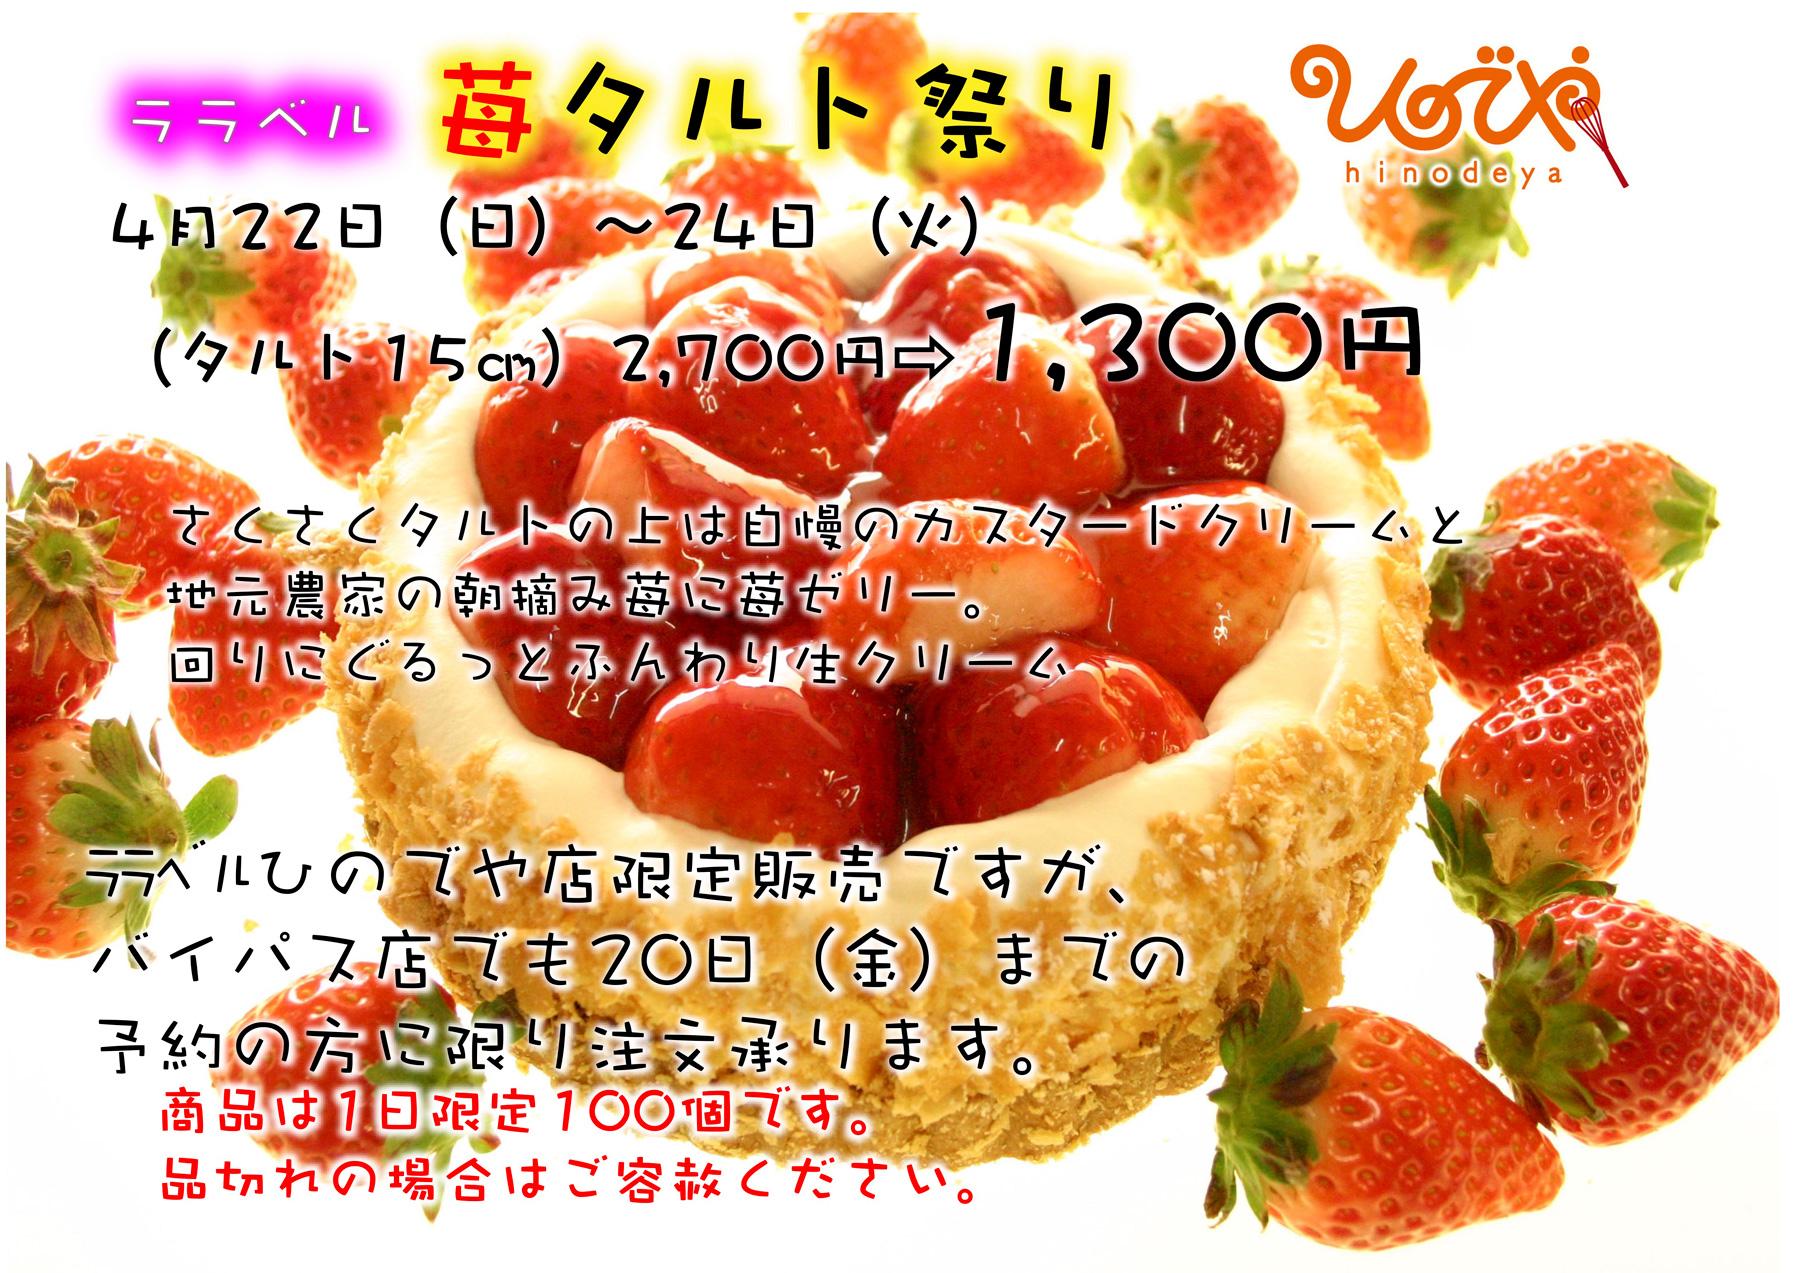 ひのでや 苺タルト祭り